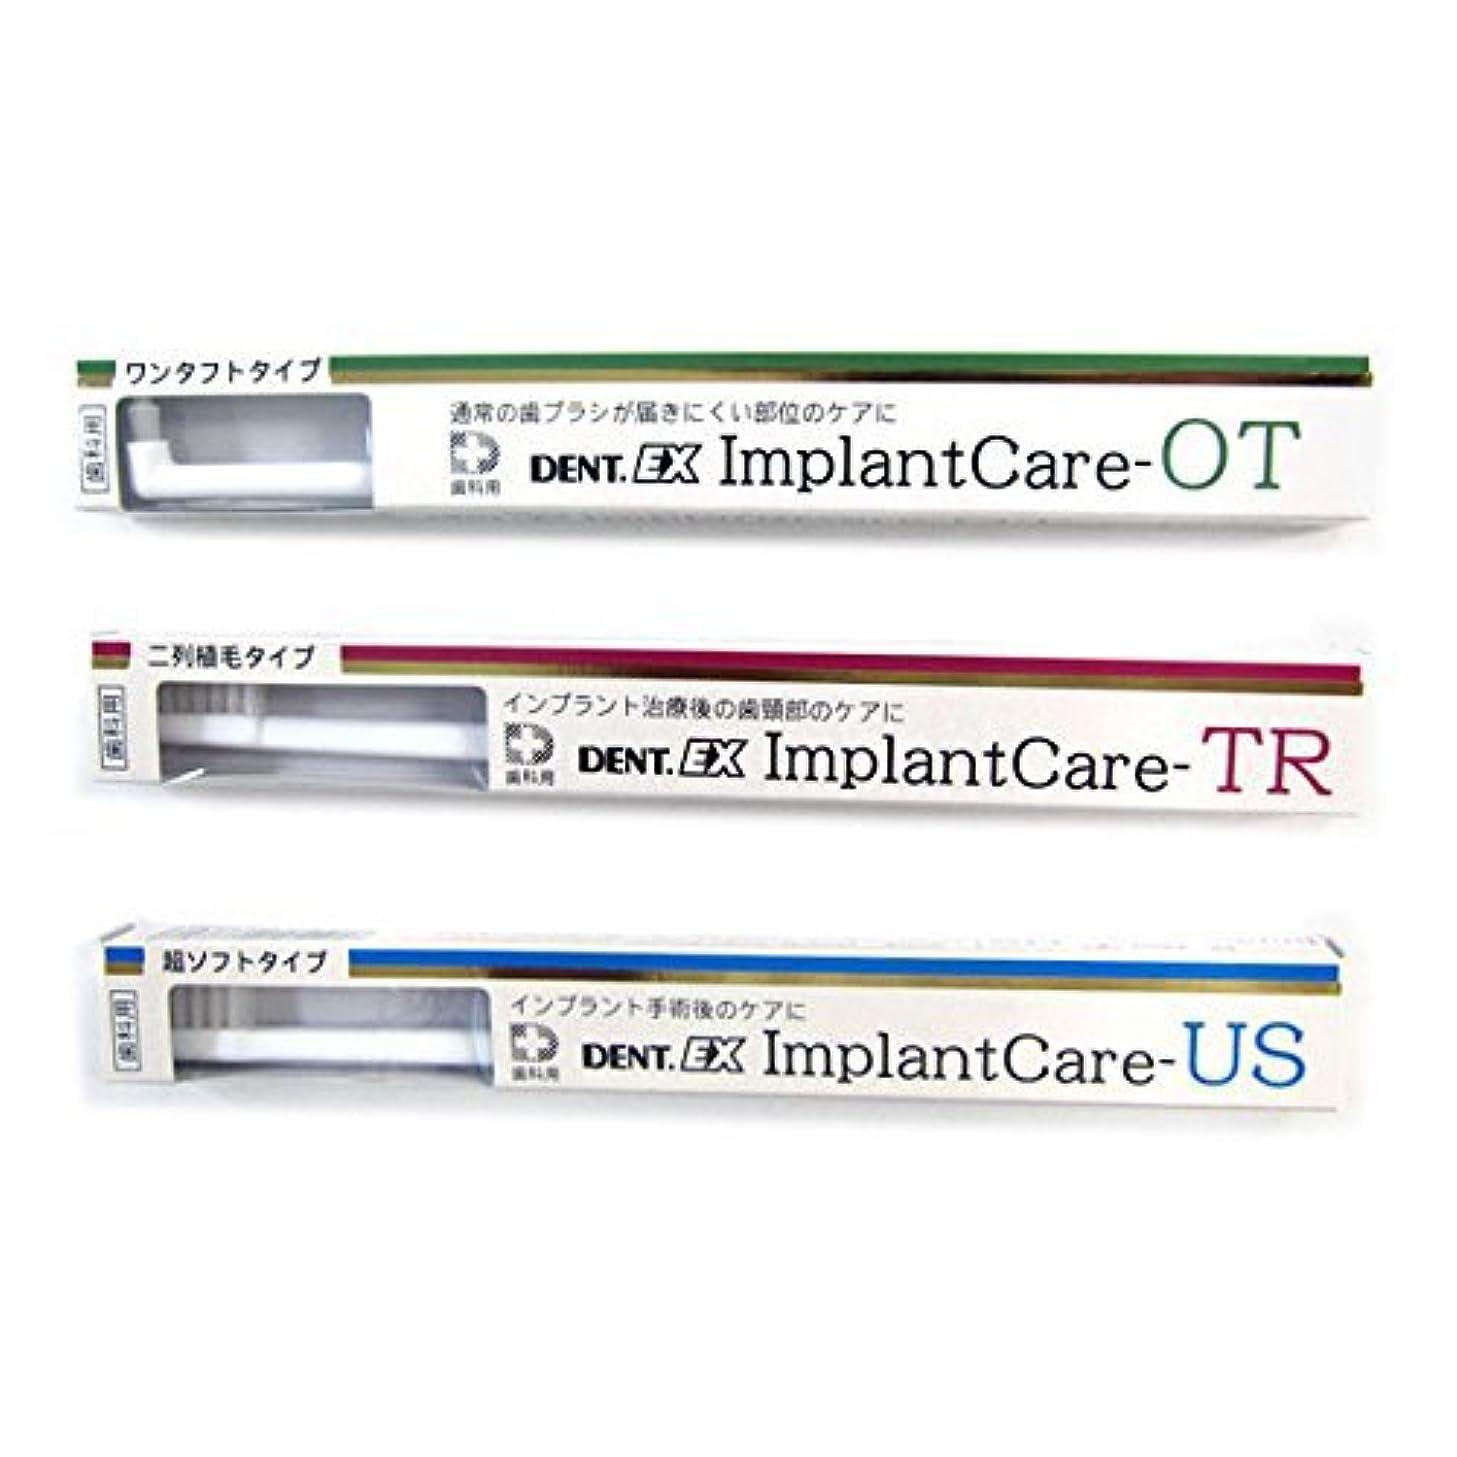 引き出す詩人取り替えるデント DENT EX ImplantCare インプラントケア 単品 TR(二列)